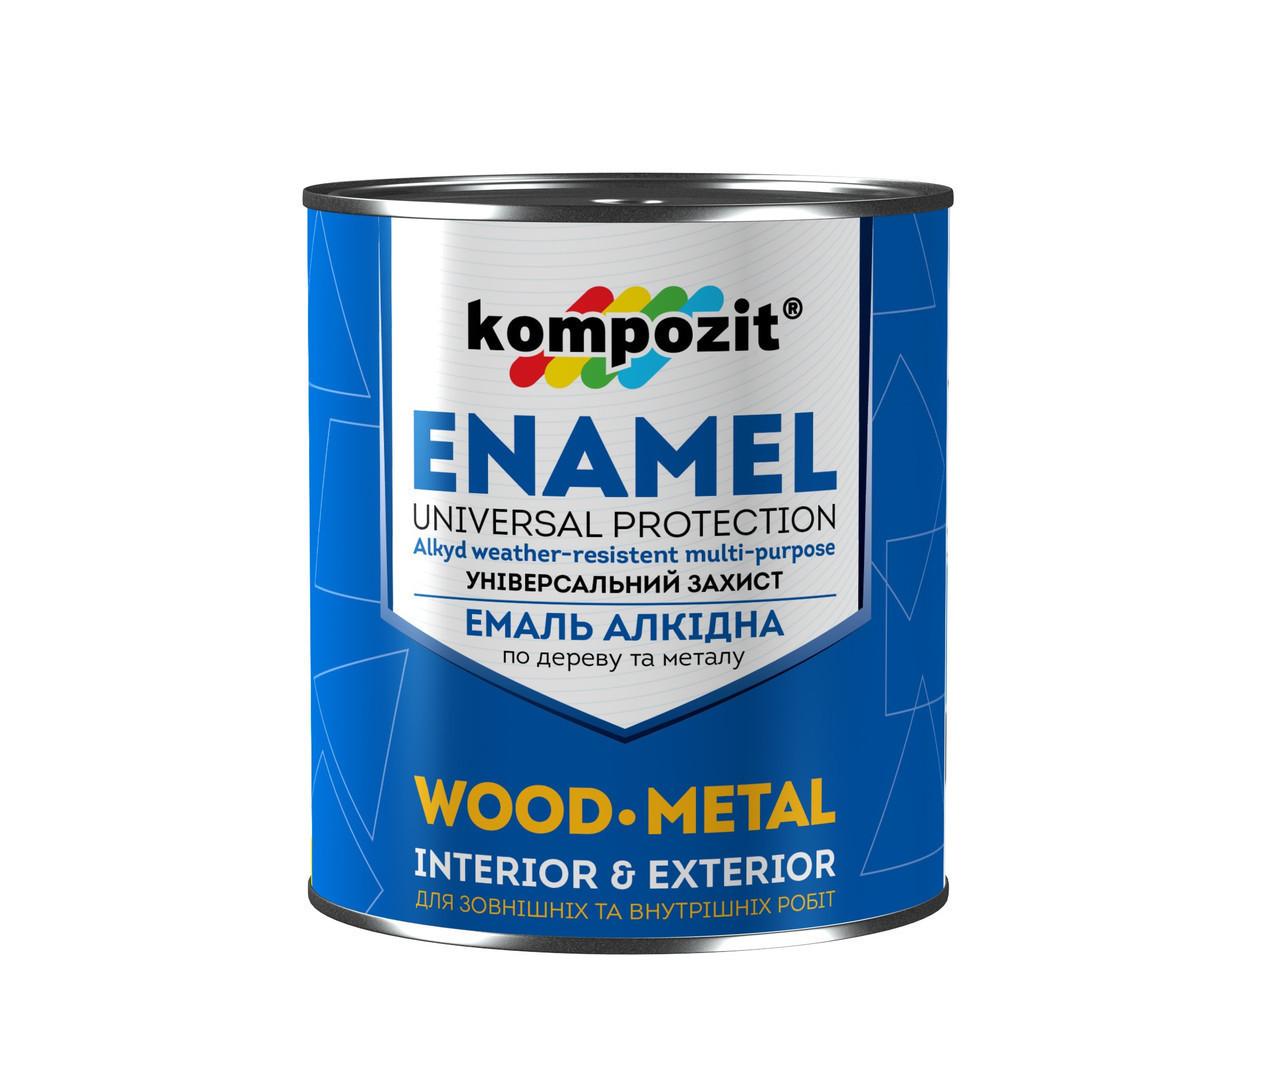 Емаль алкідна по дереву і металу Kompozit Enamel 0.9 кг Вишневий